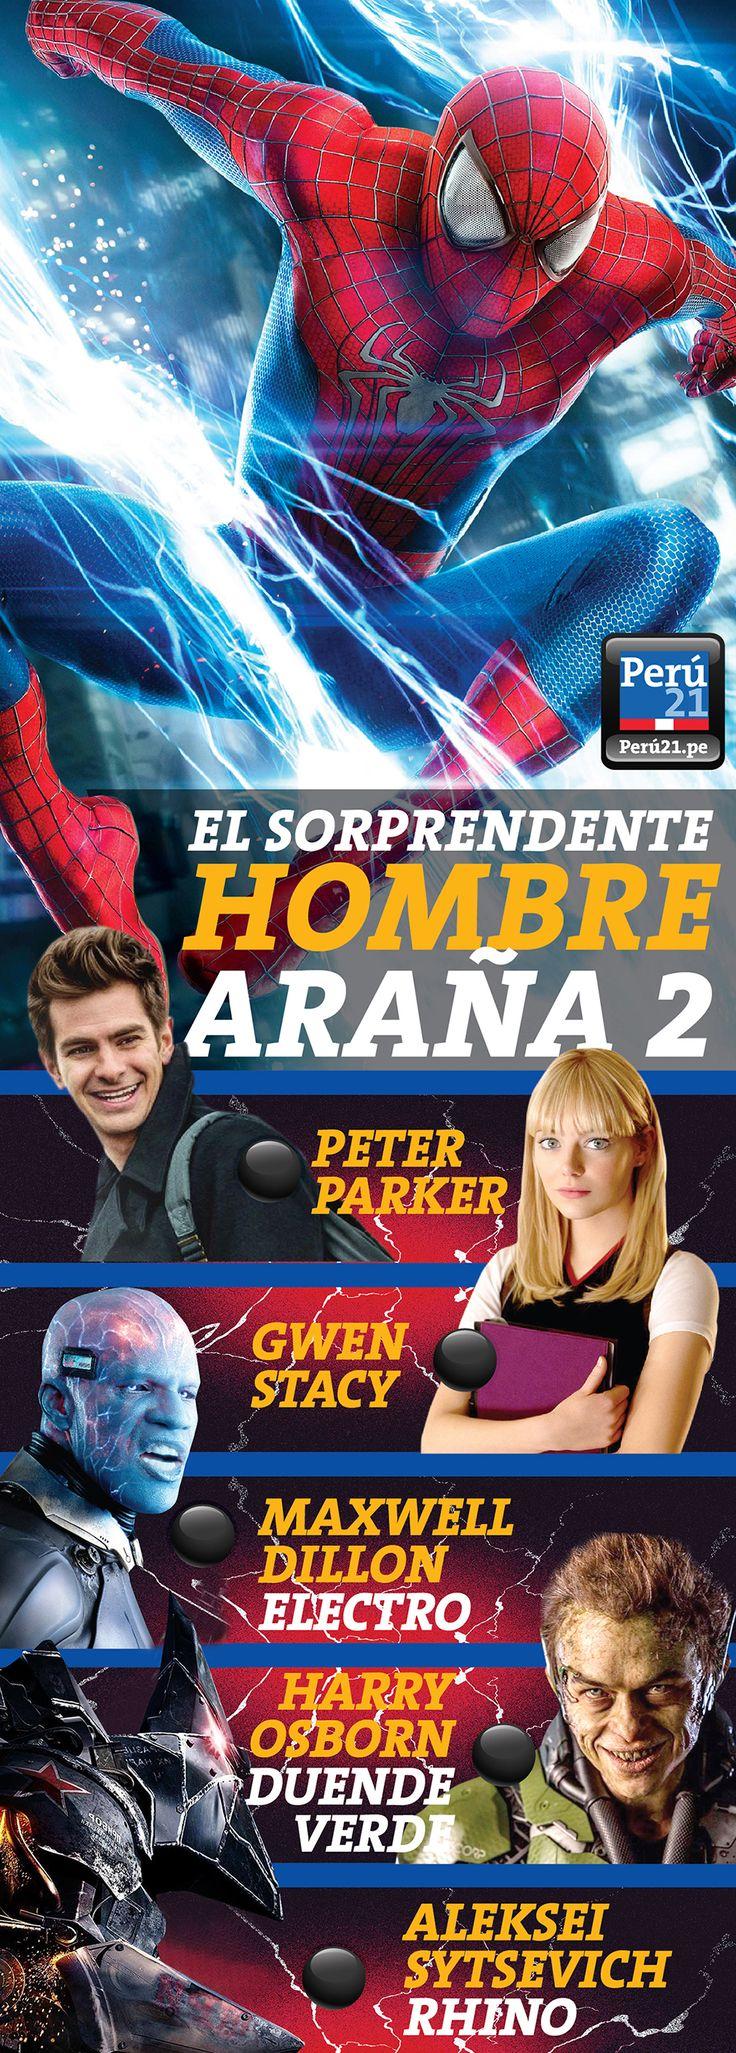 TOUCH esta imagen: El Sorprendente Hombre Araña 2: La Amenaza de Electro by Perú21